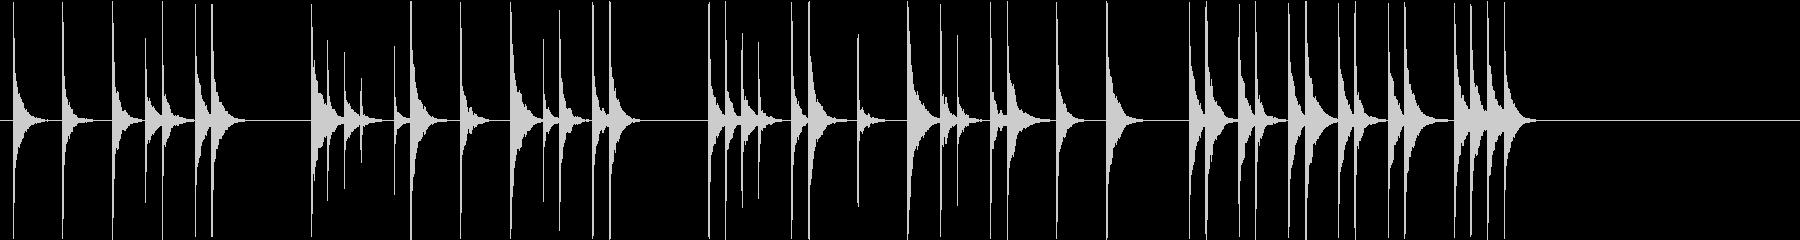 ほのぼの木琴ジングルの未再生の波形